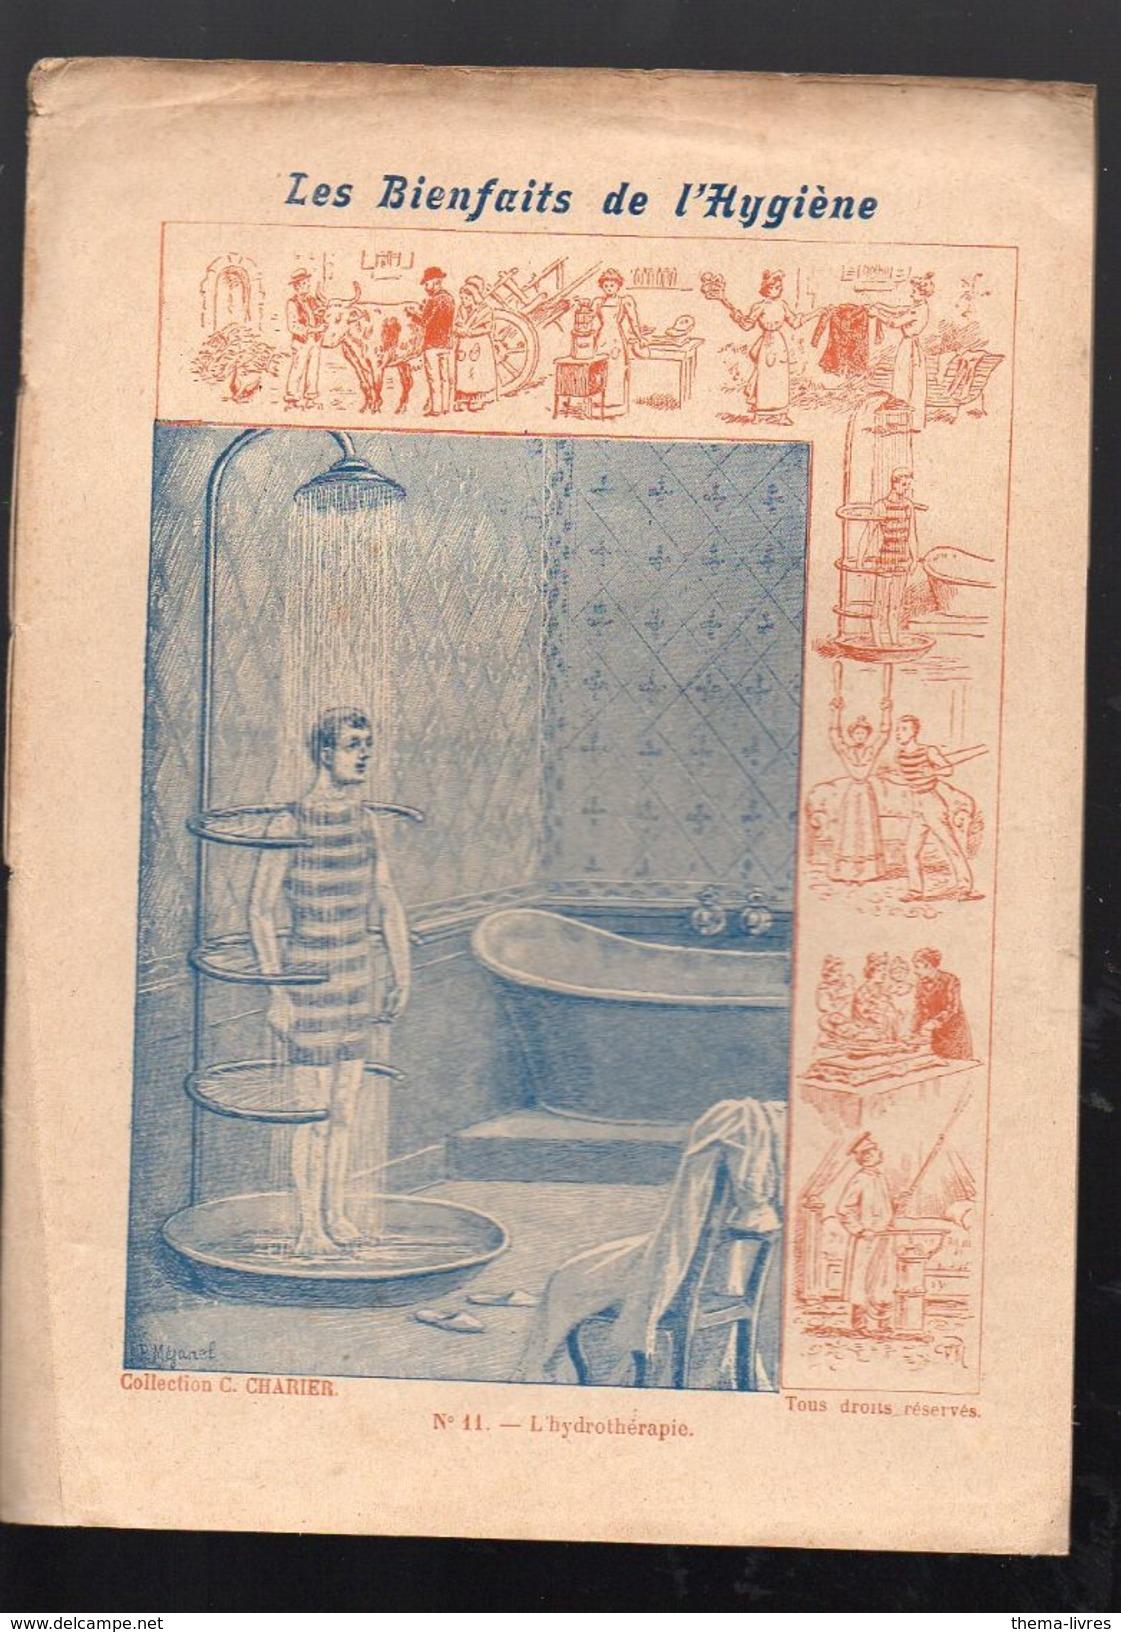 """Couverture De Cahier """"les Bienfaitsn De L'hygiène """" 11 Hydrothérapie. (PPP6443) - H"""